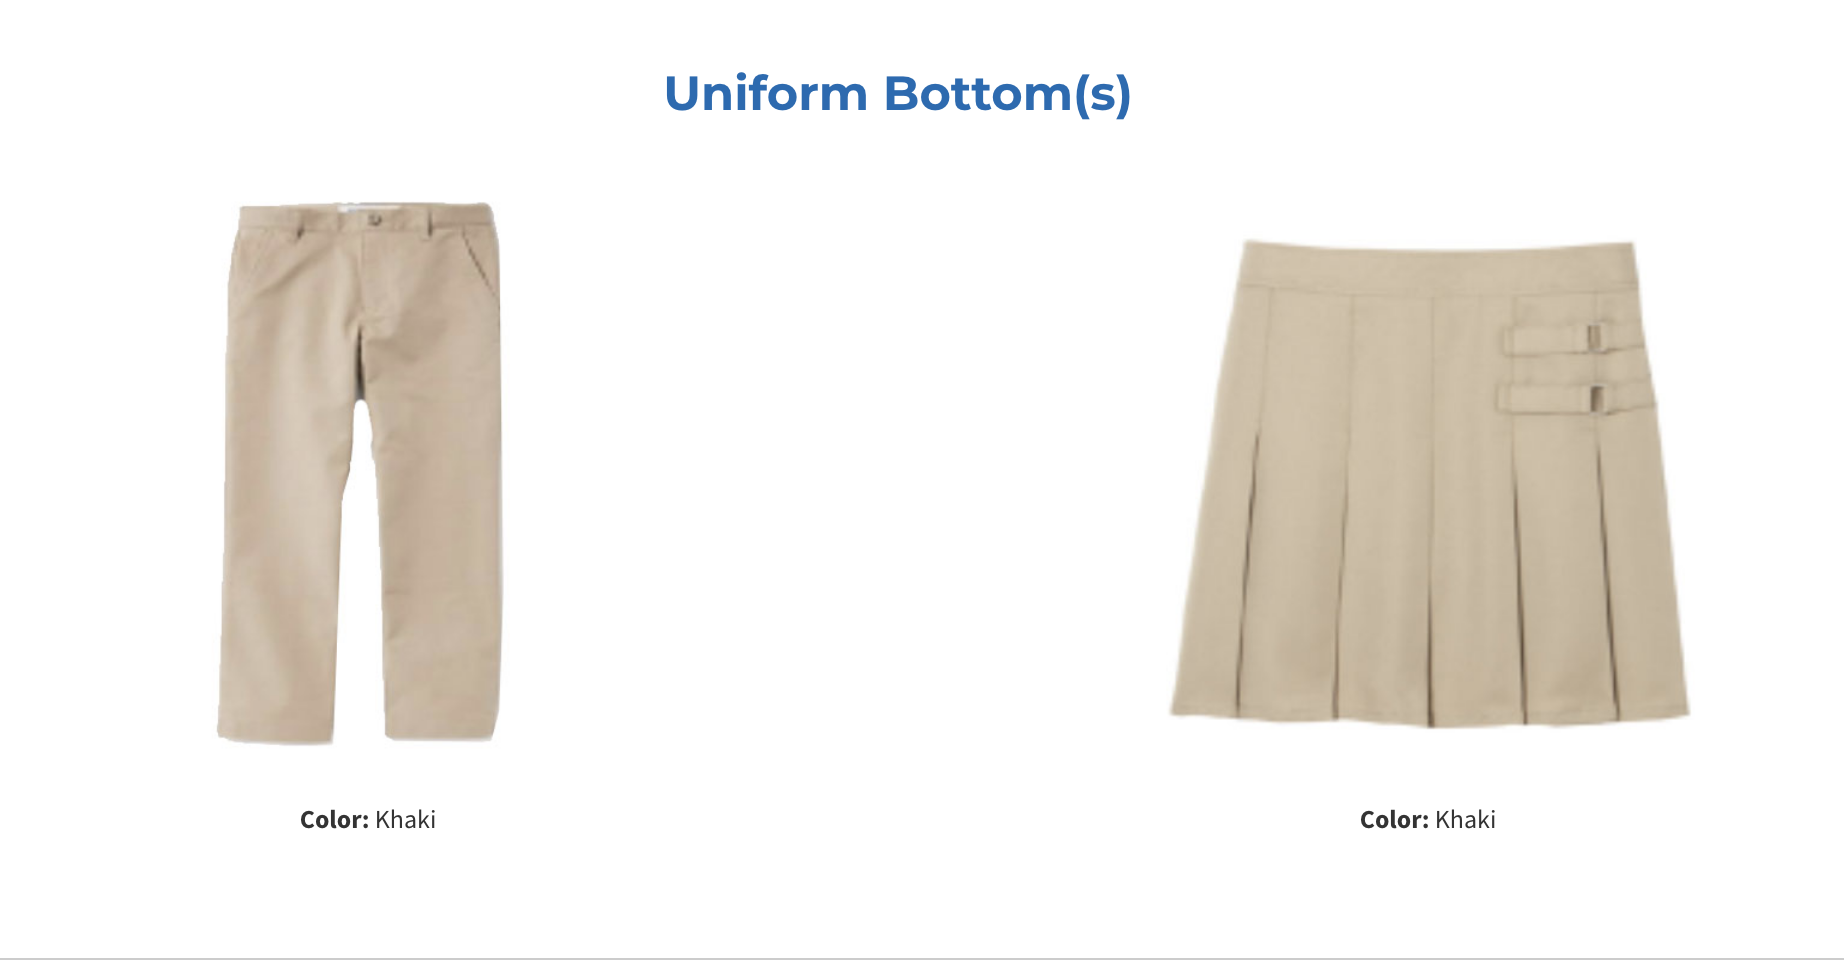 tan pants and skirt